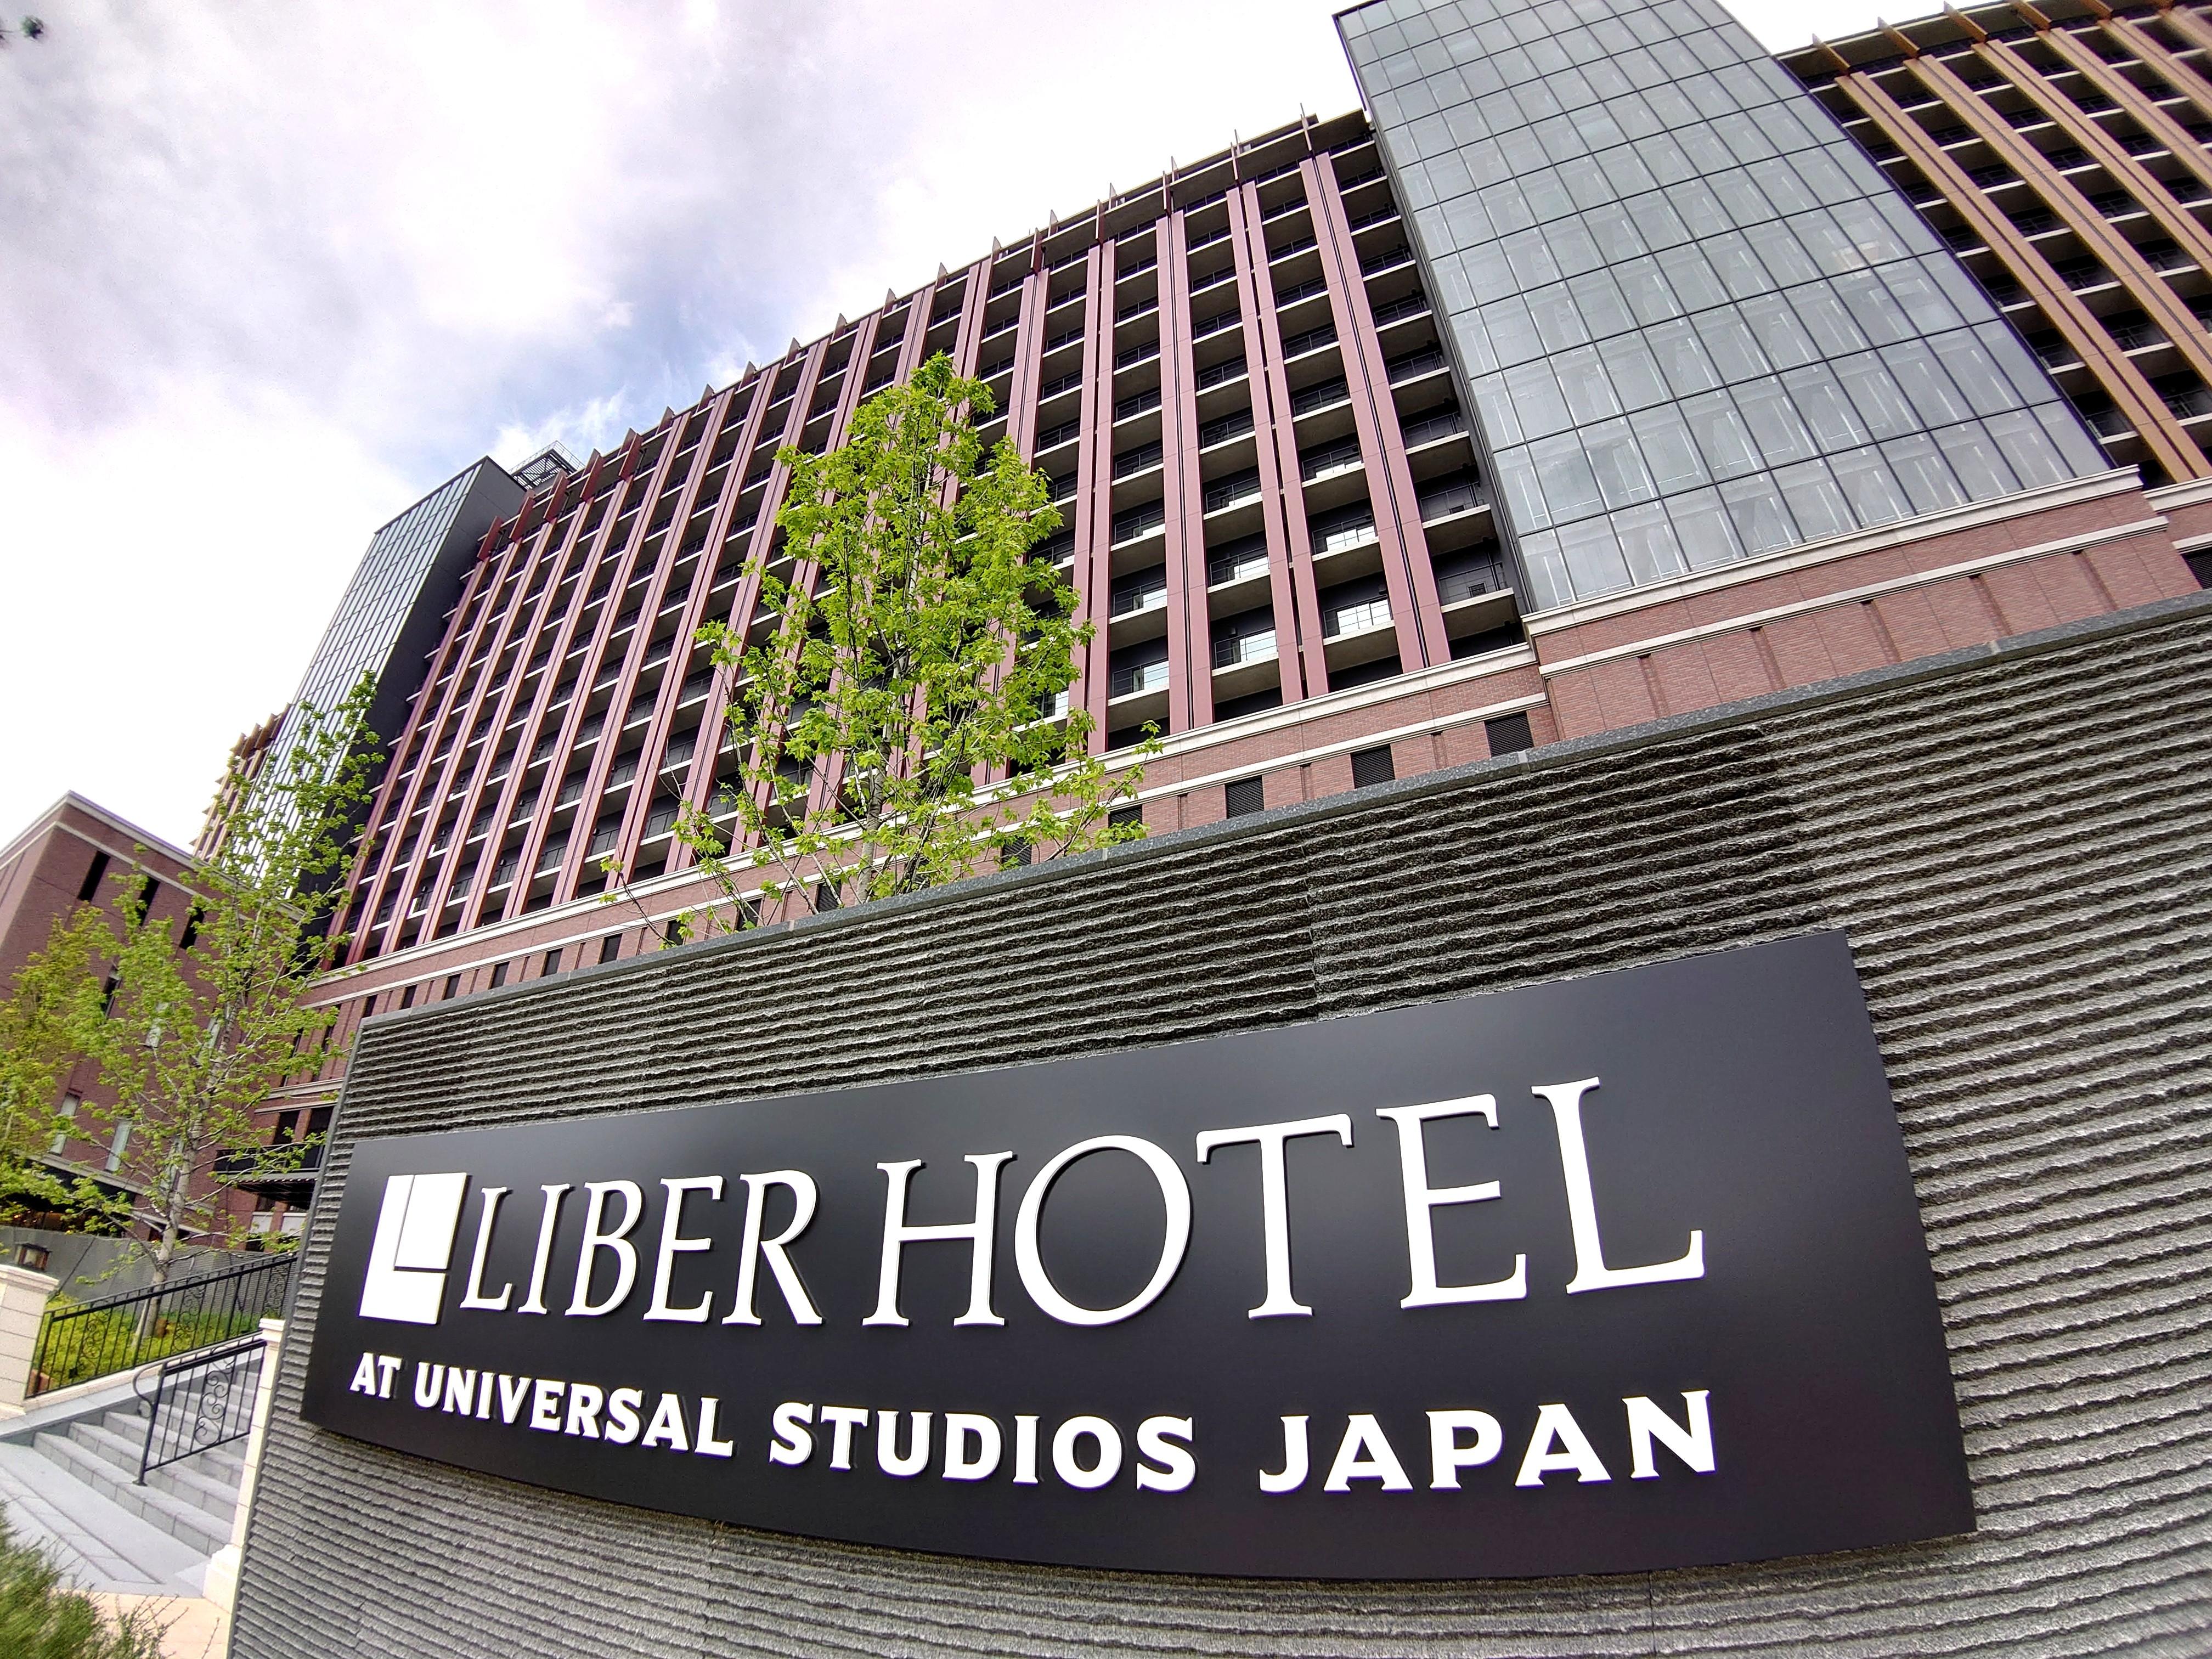 ジャパン アット ユニバーサル リーベル ホテル スタジオ